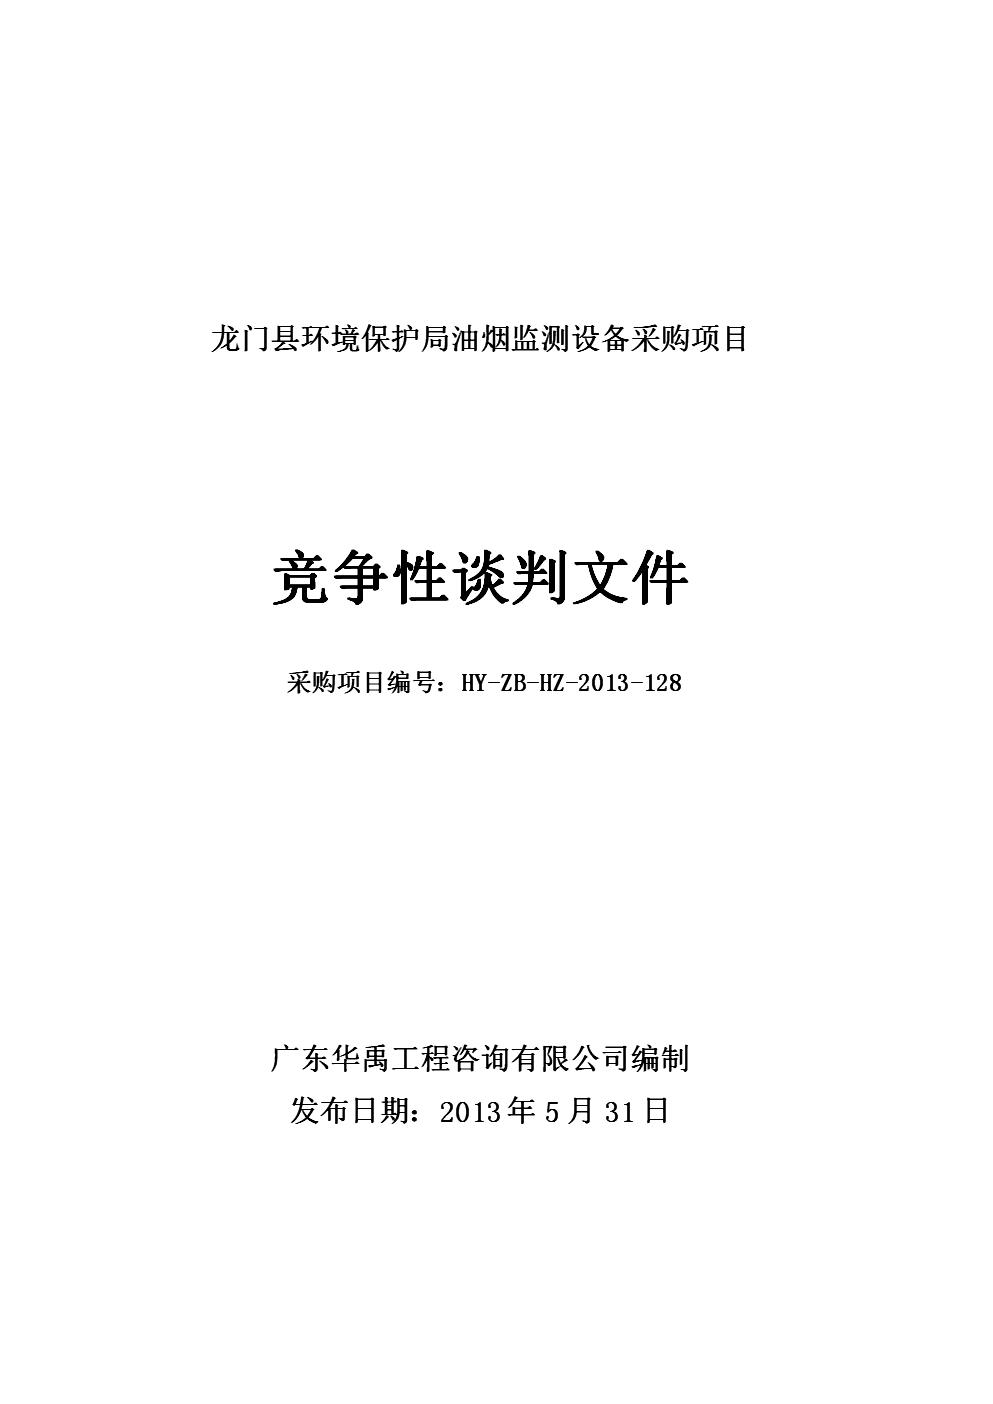 龙门县环境保护油烟监测设备采购项目.doc